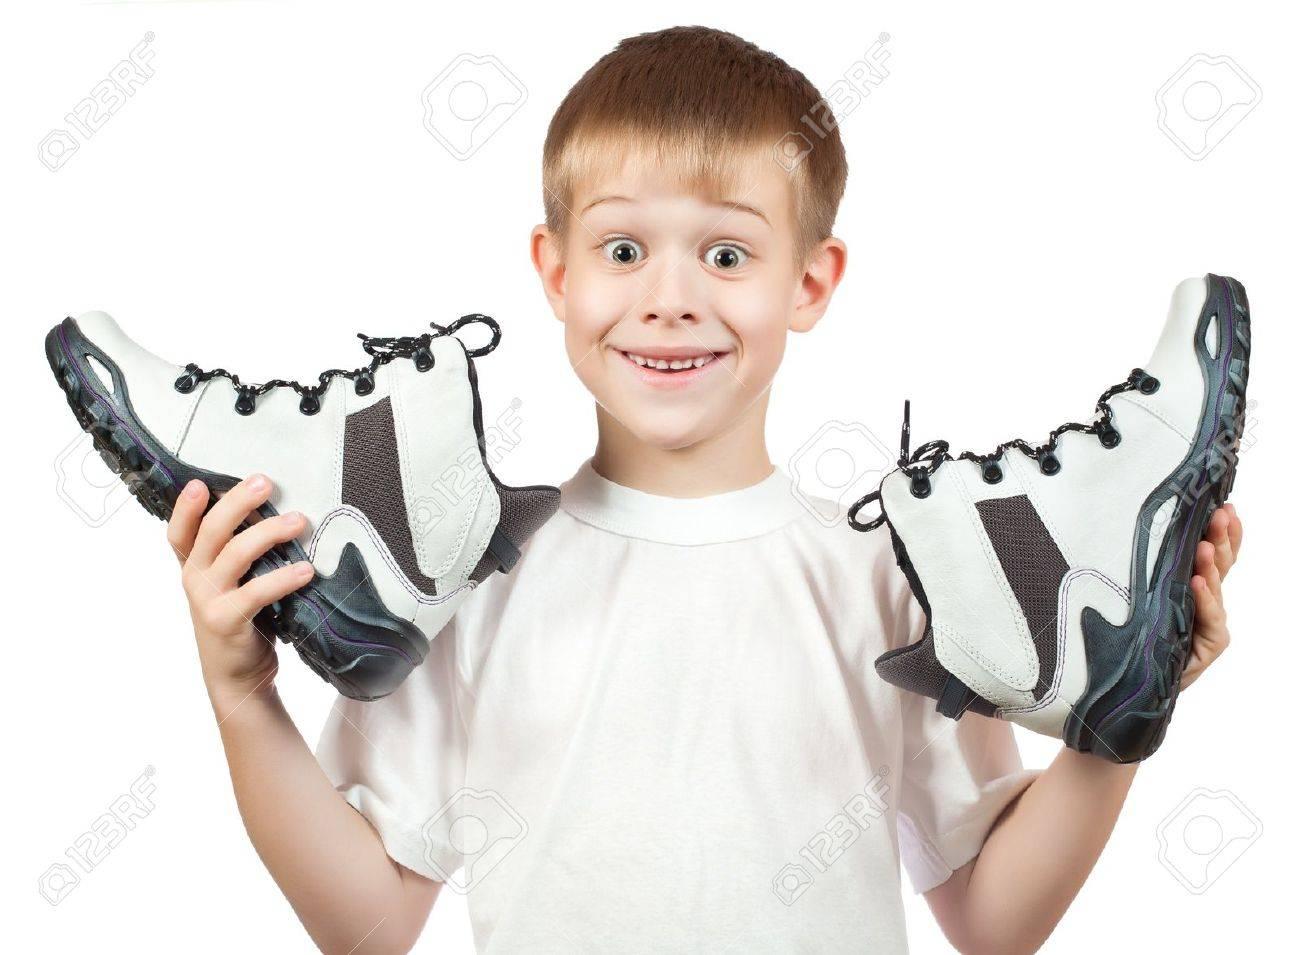 写真素材 , 新しい白い靴と少年のポートレート